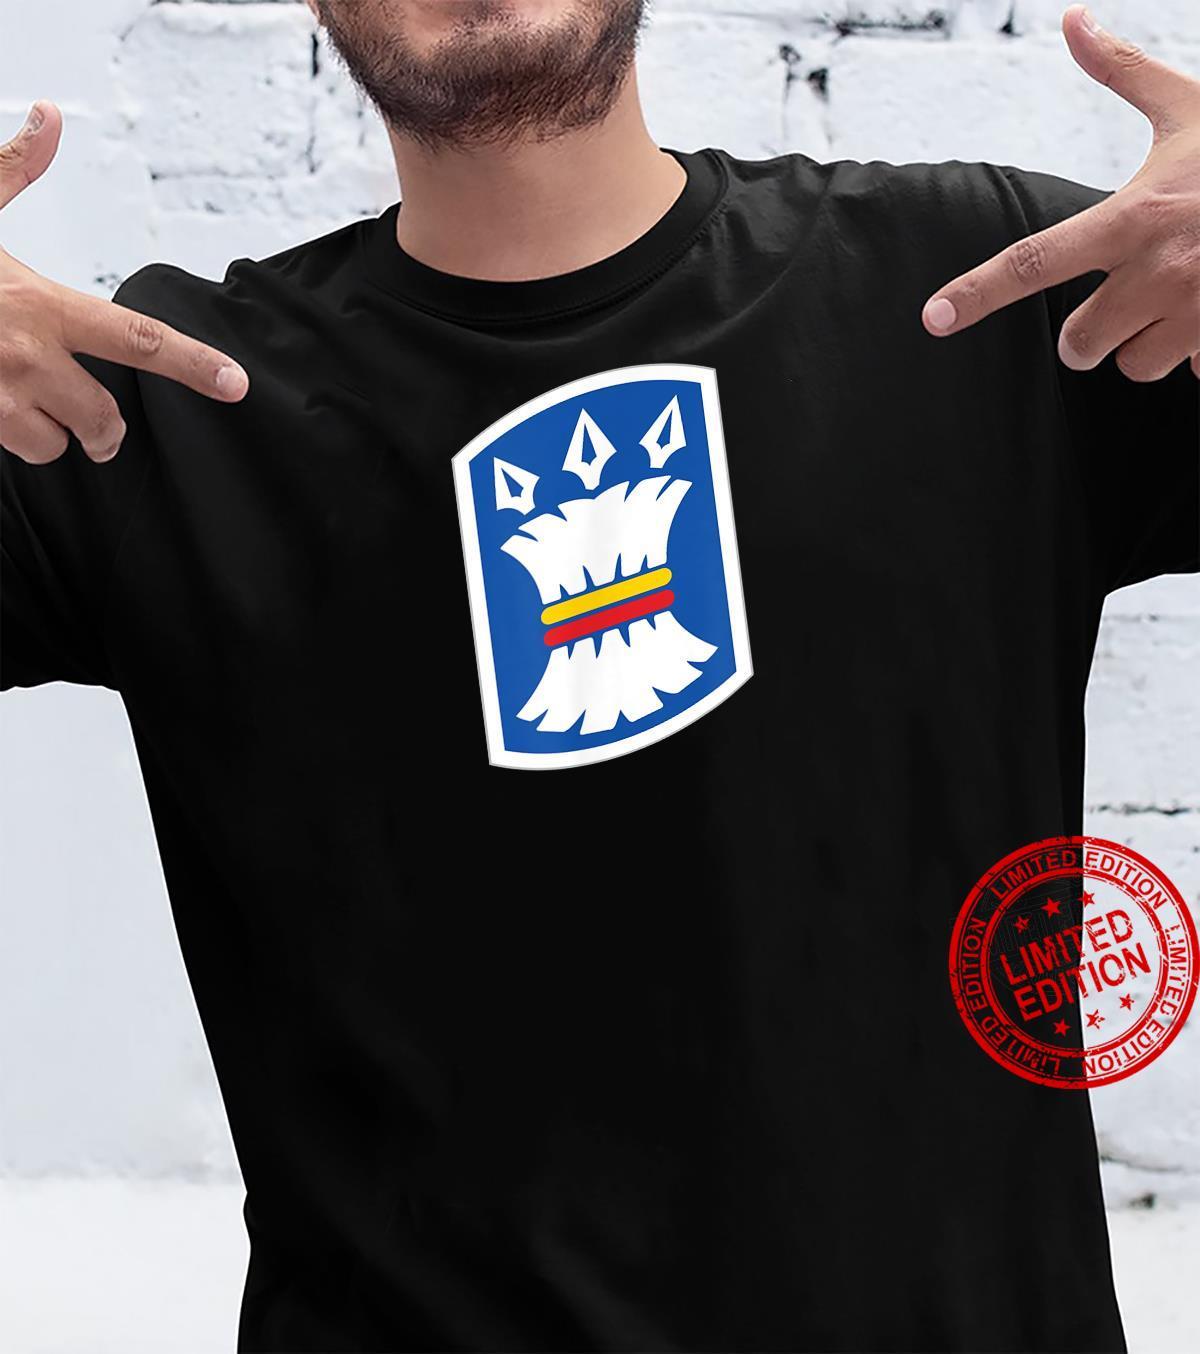 157th Infantry Brigade Shirt